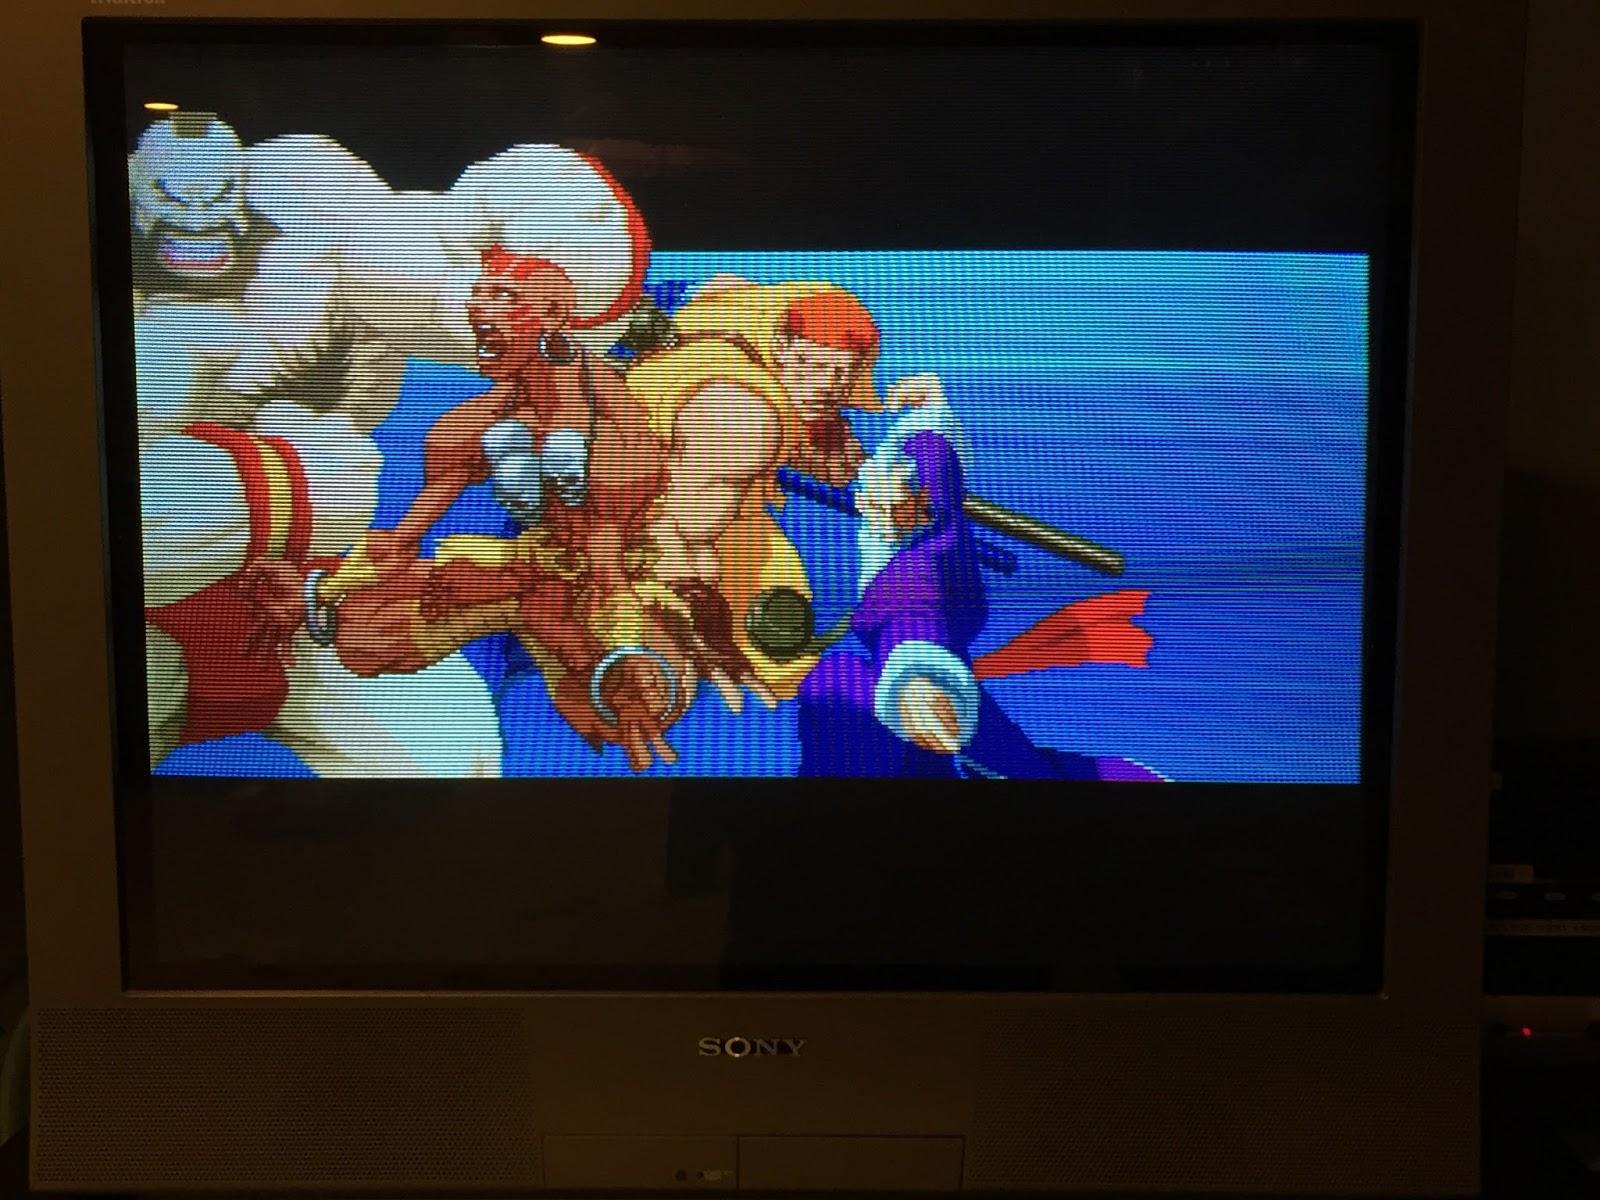 Retro Gamer Randomness: Street Fighter for the Sega Saturn